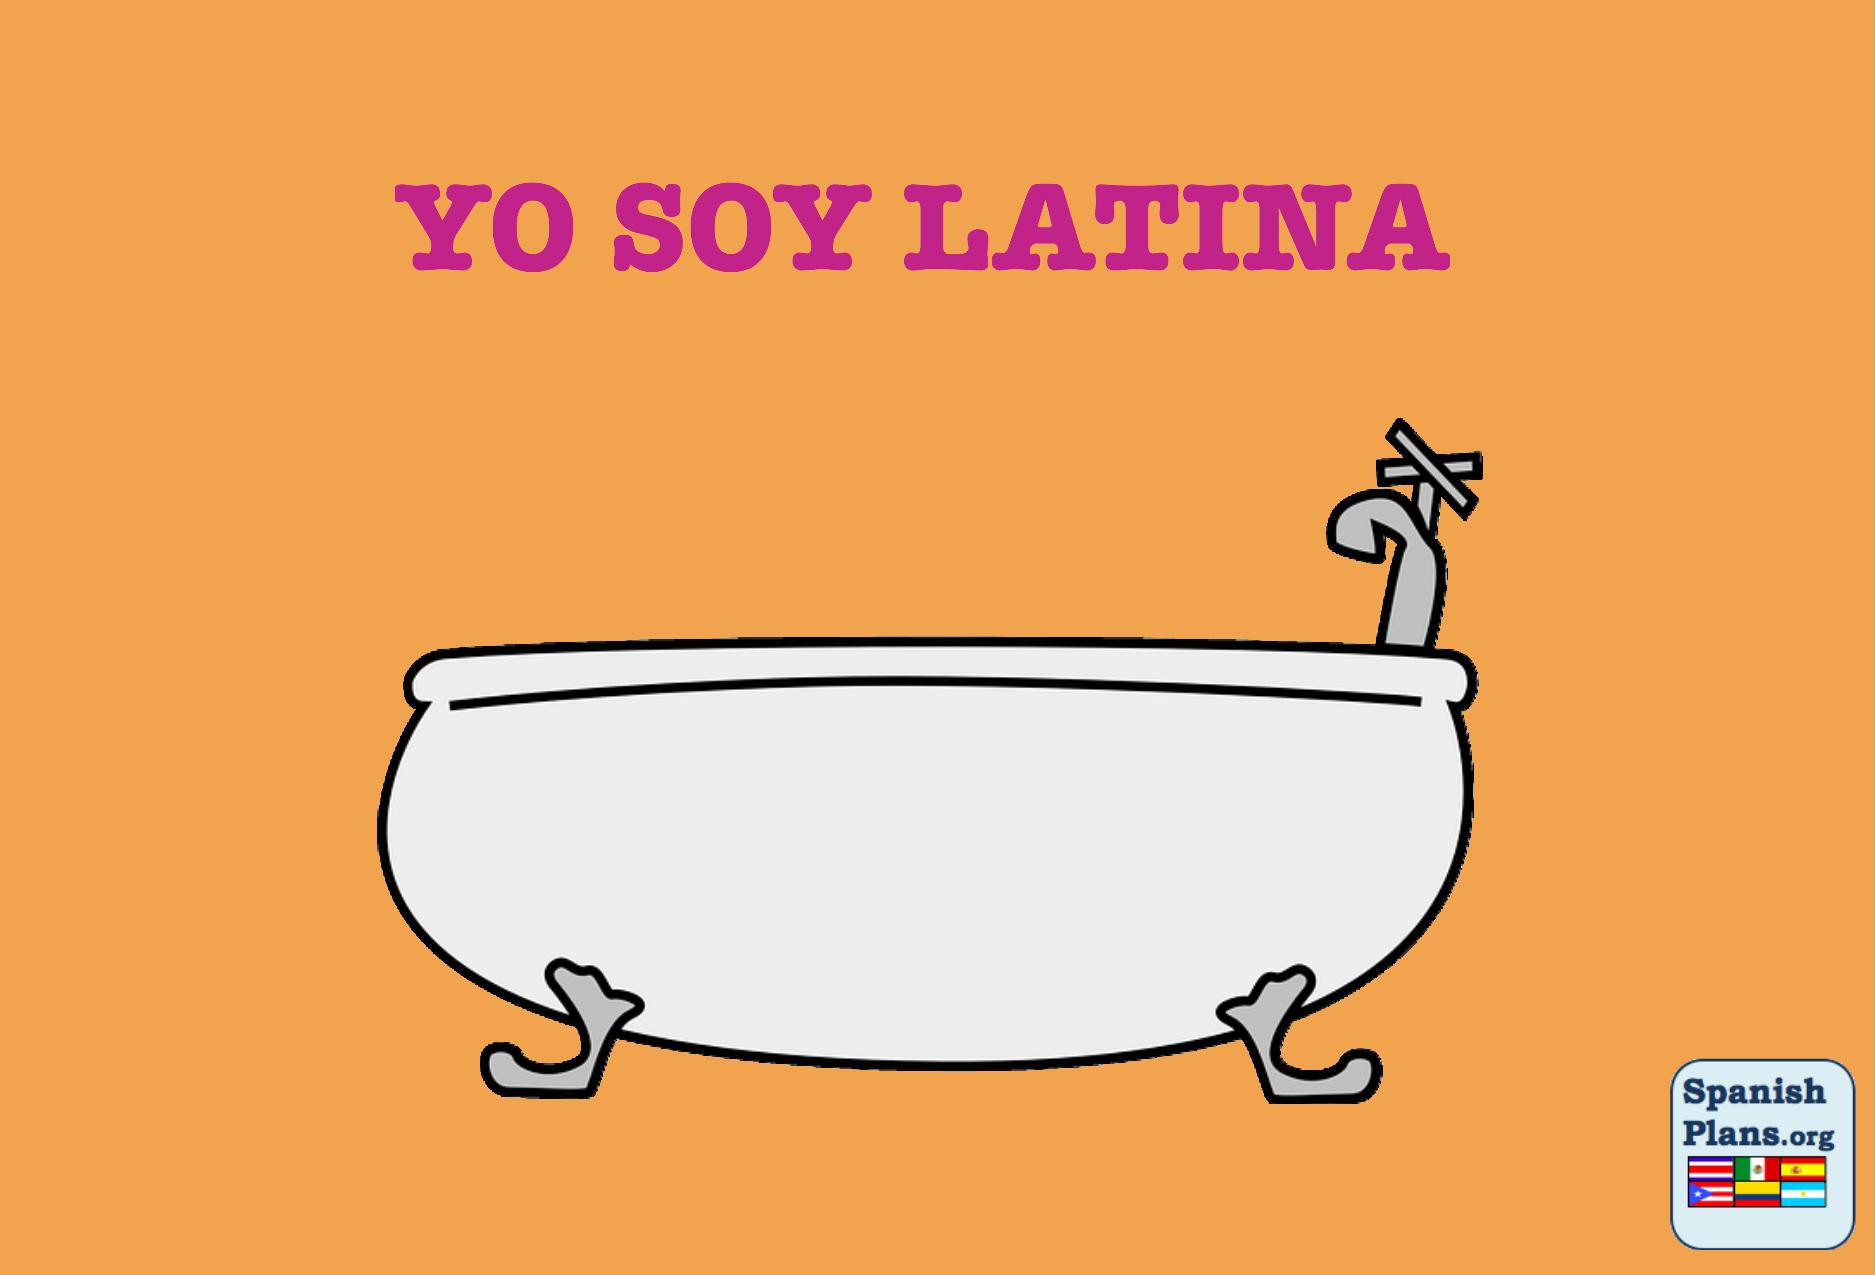 веселые открытки на испанском с переводом щекавиця